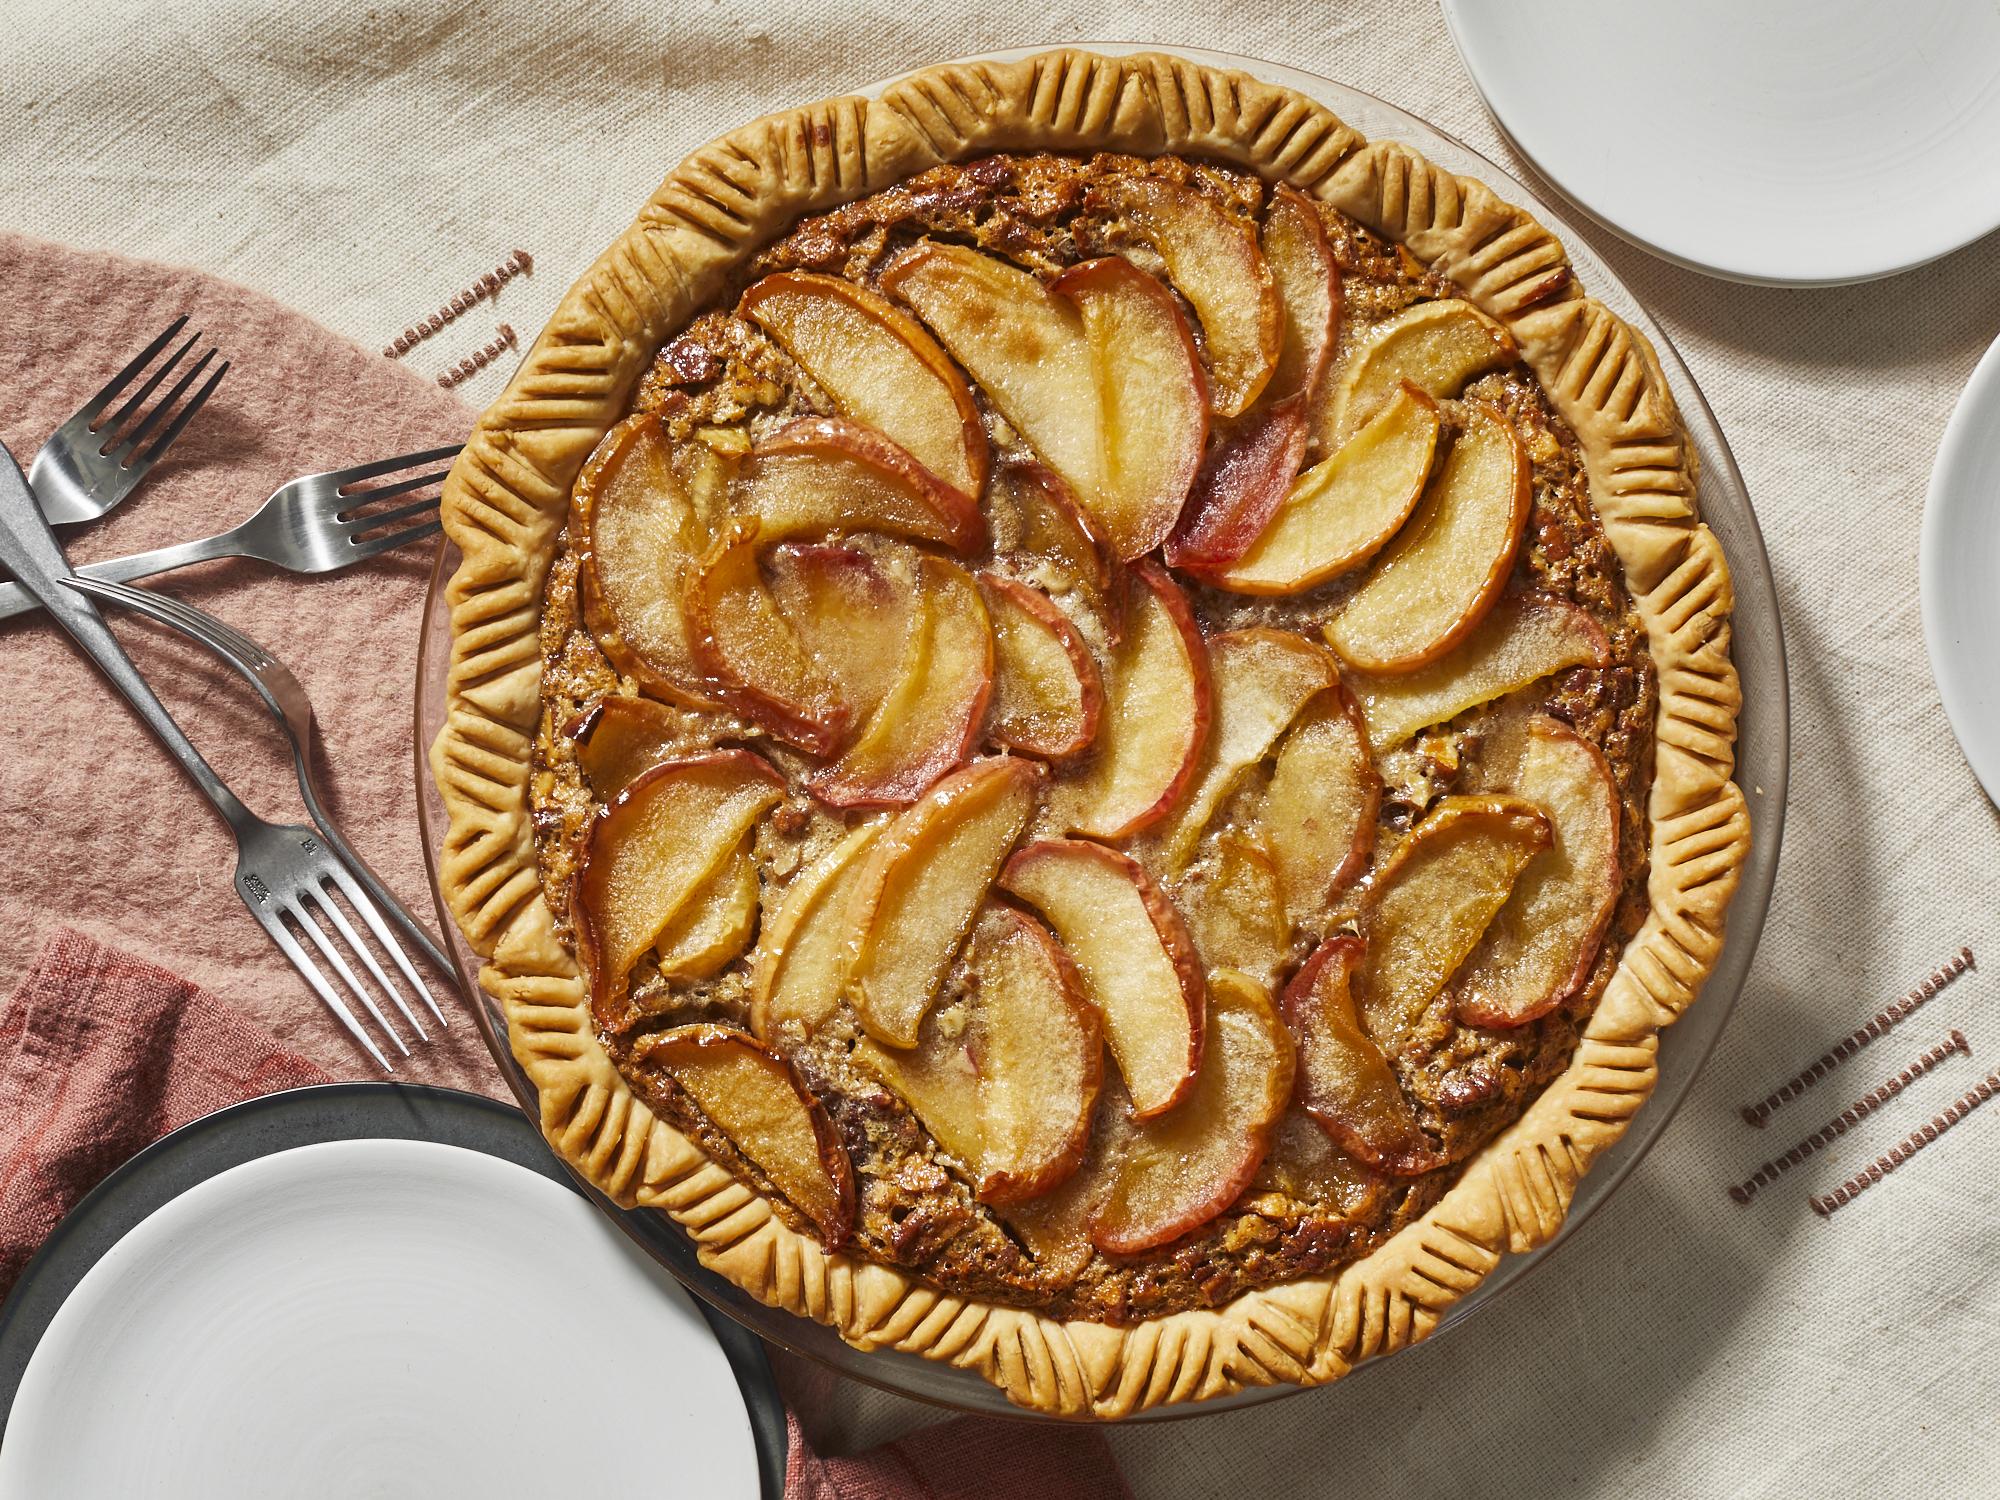 Pecan, Apple, and Pumpkin Pie